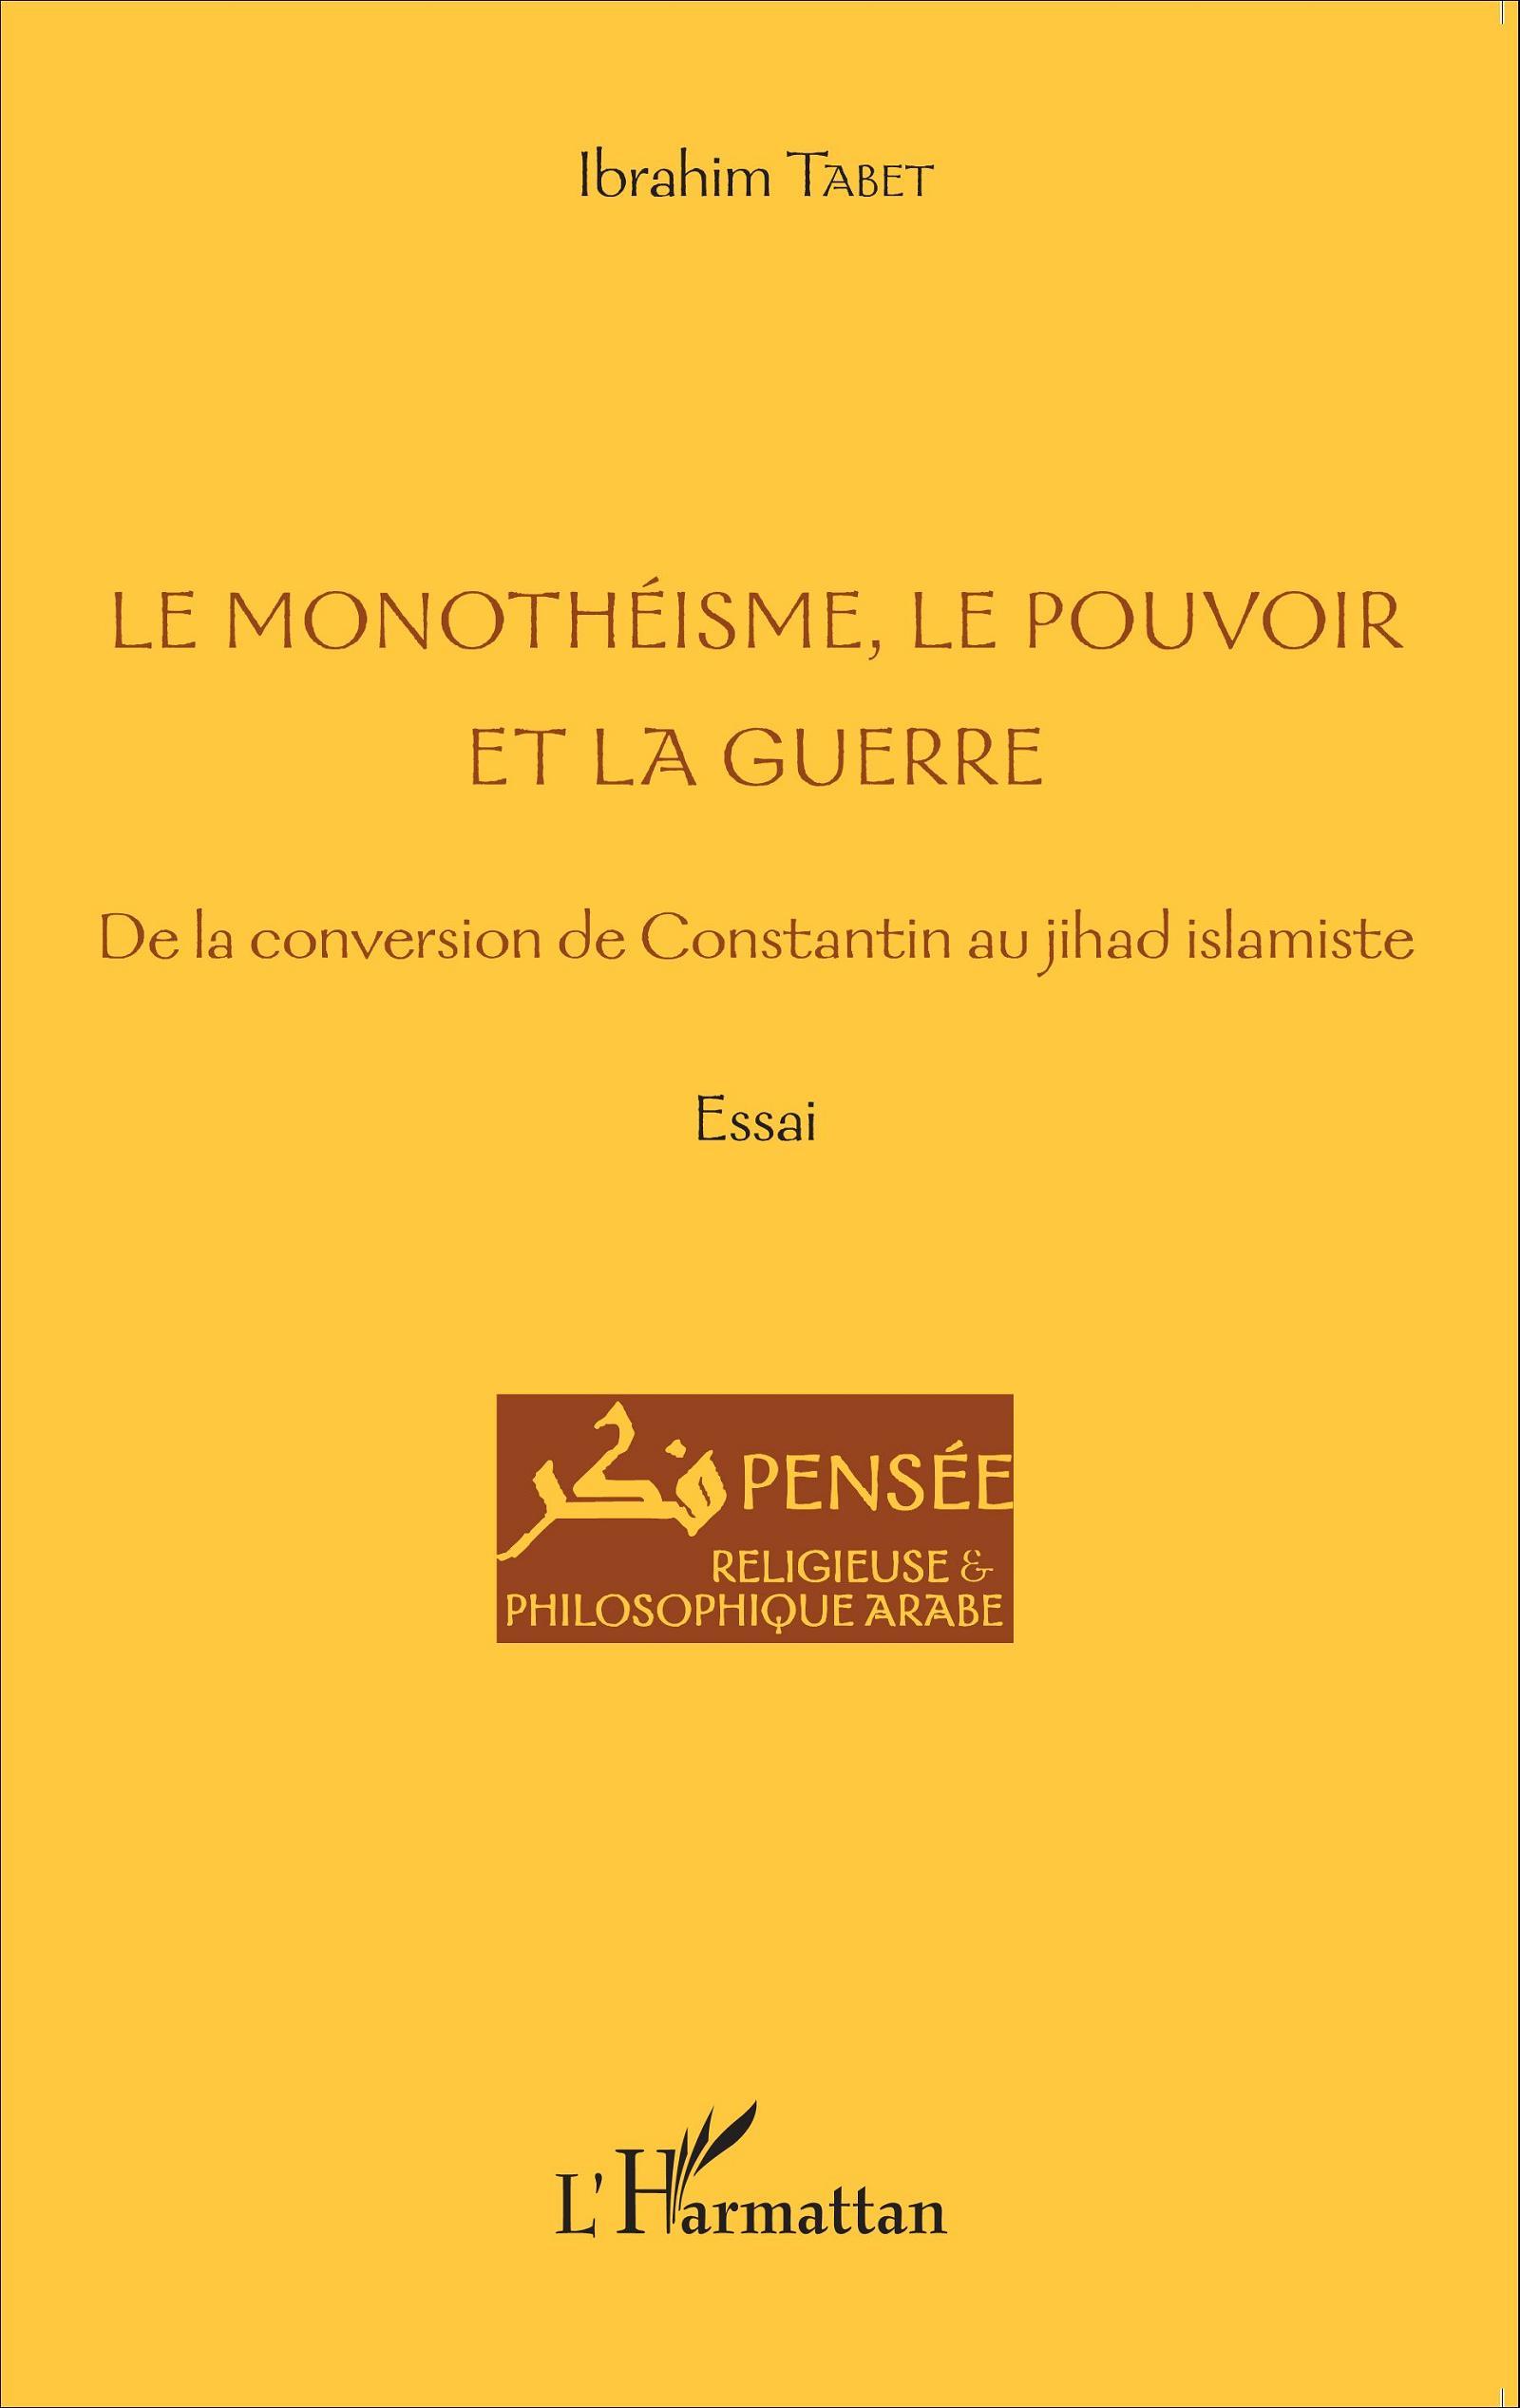 Livre Le monothéisme, le pouvoir et la guerre